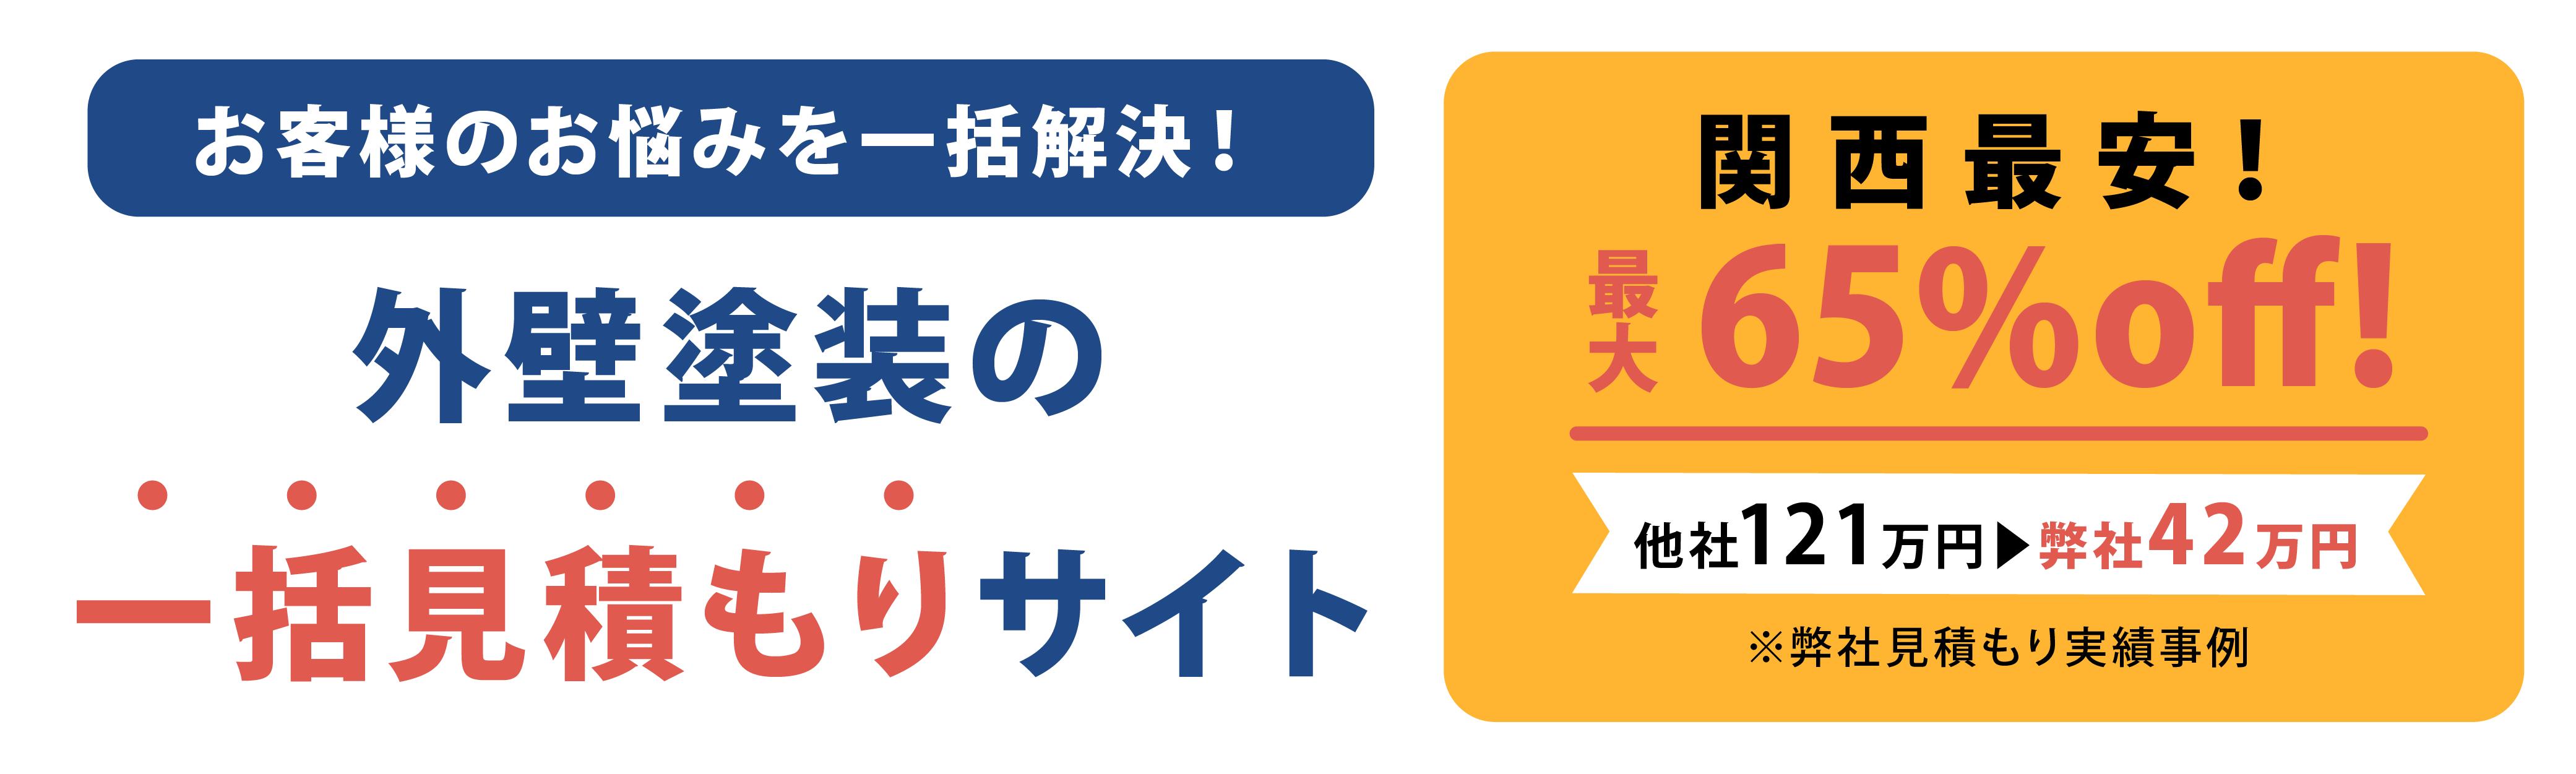 ペイントセレクト@関西|塗装業者一括見積もりサービス